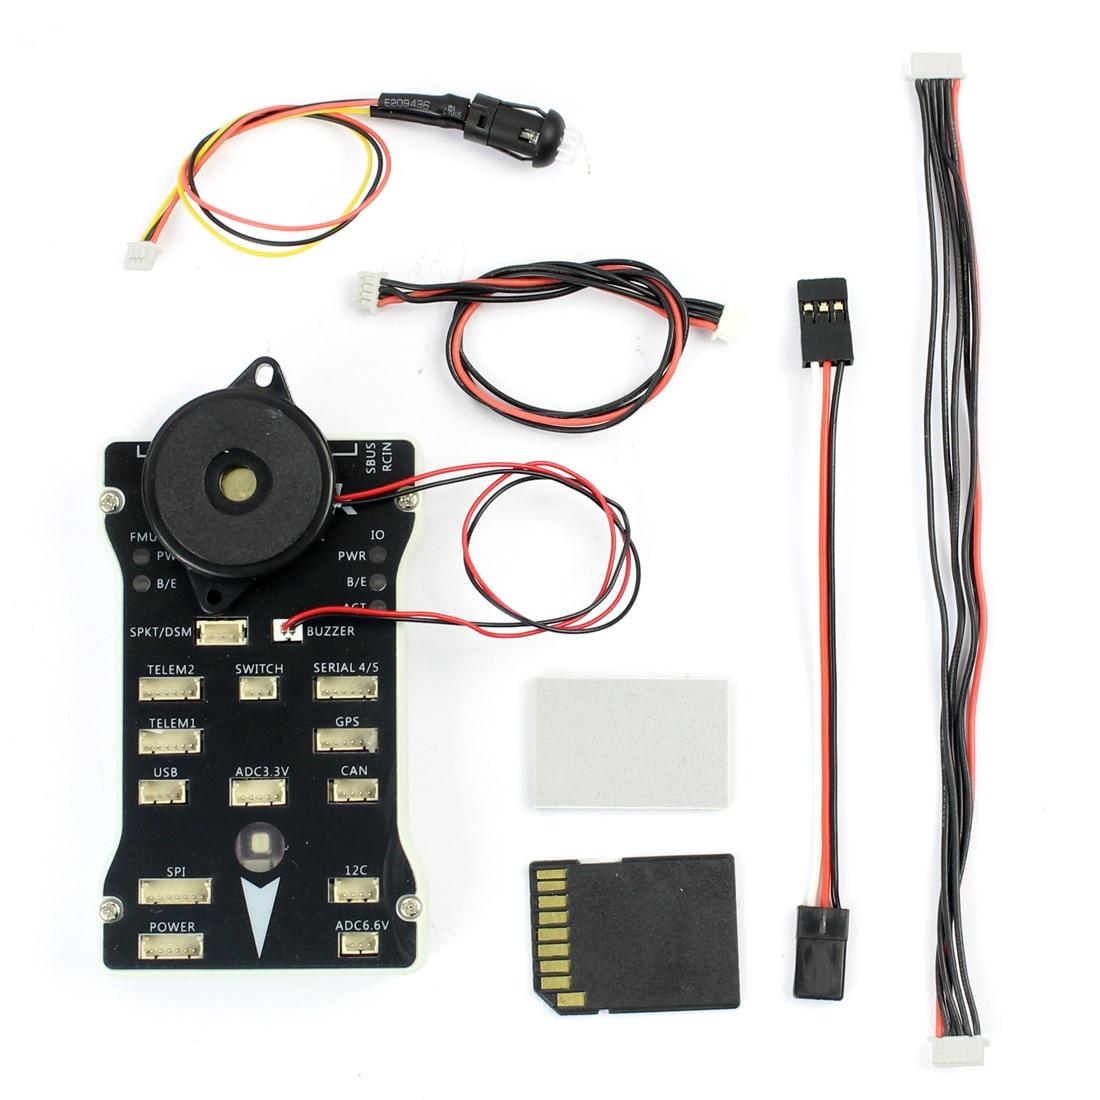 Pixhawk PX4 Autopilot PIX 2 4 8 32 Bit Flight Control with PX4FMU PX4IO  Safety Switch Buzzer 1G for DIY RC Drone Multirotor